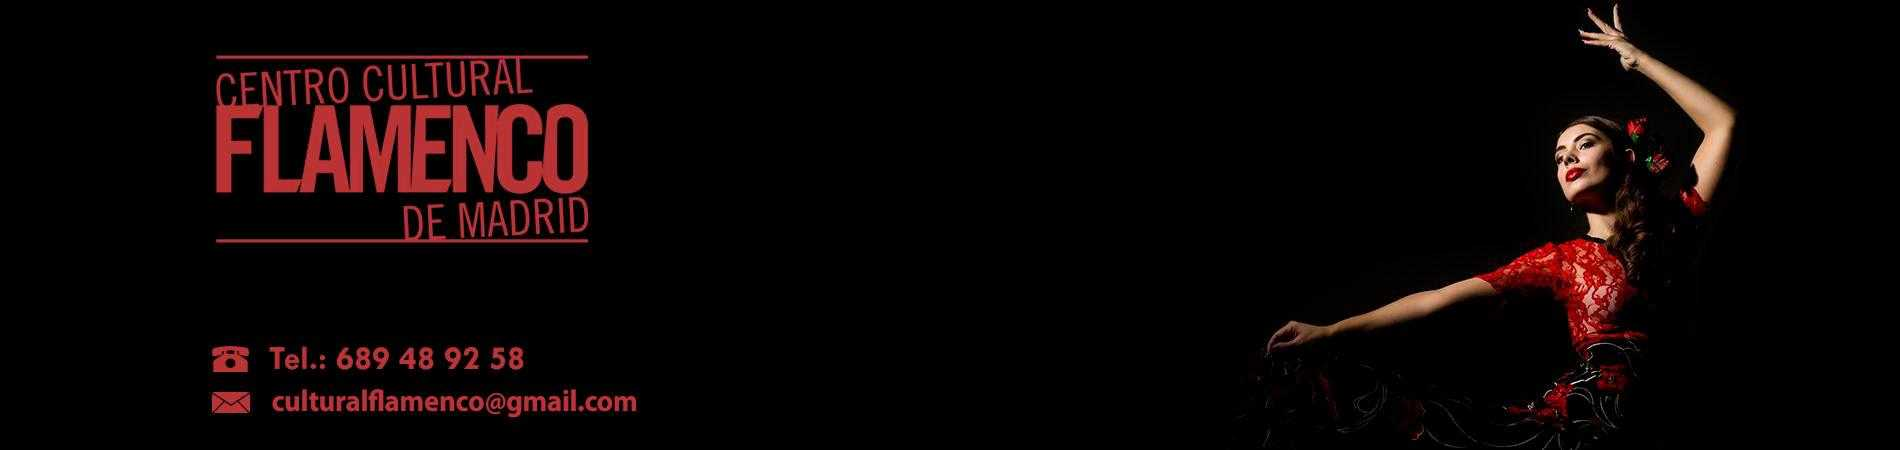 banner proveedor